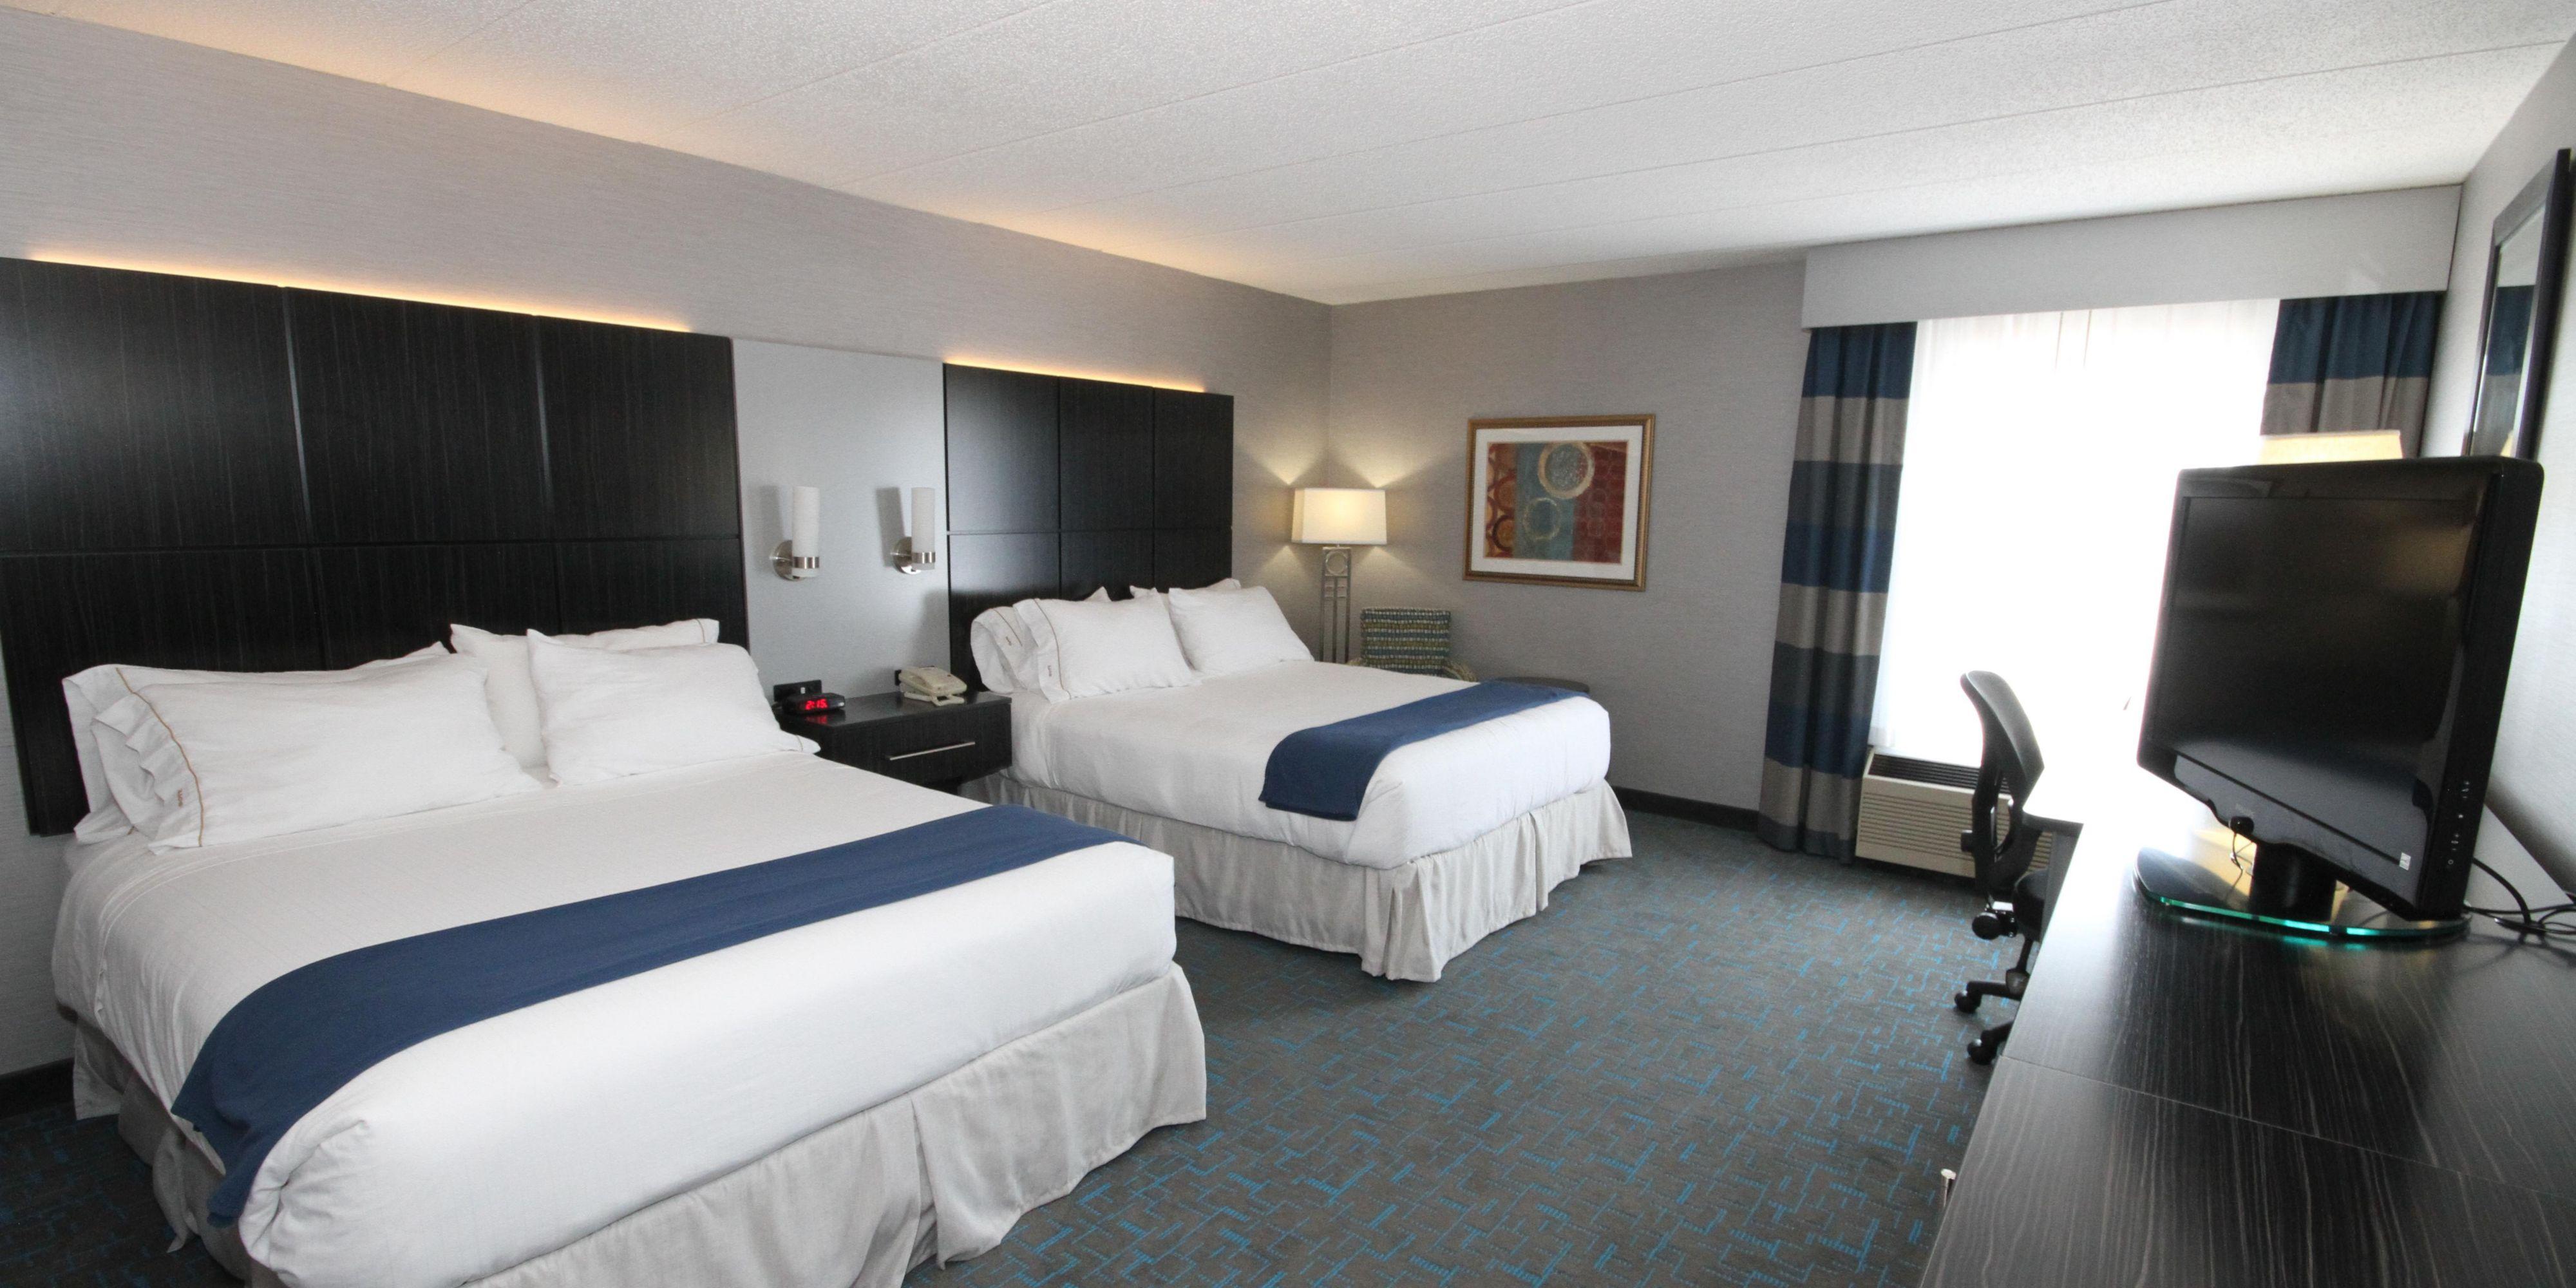 Holiday Inn Express Janesville 3361260320 2x1